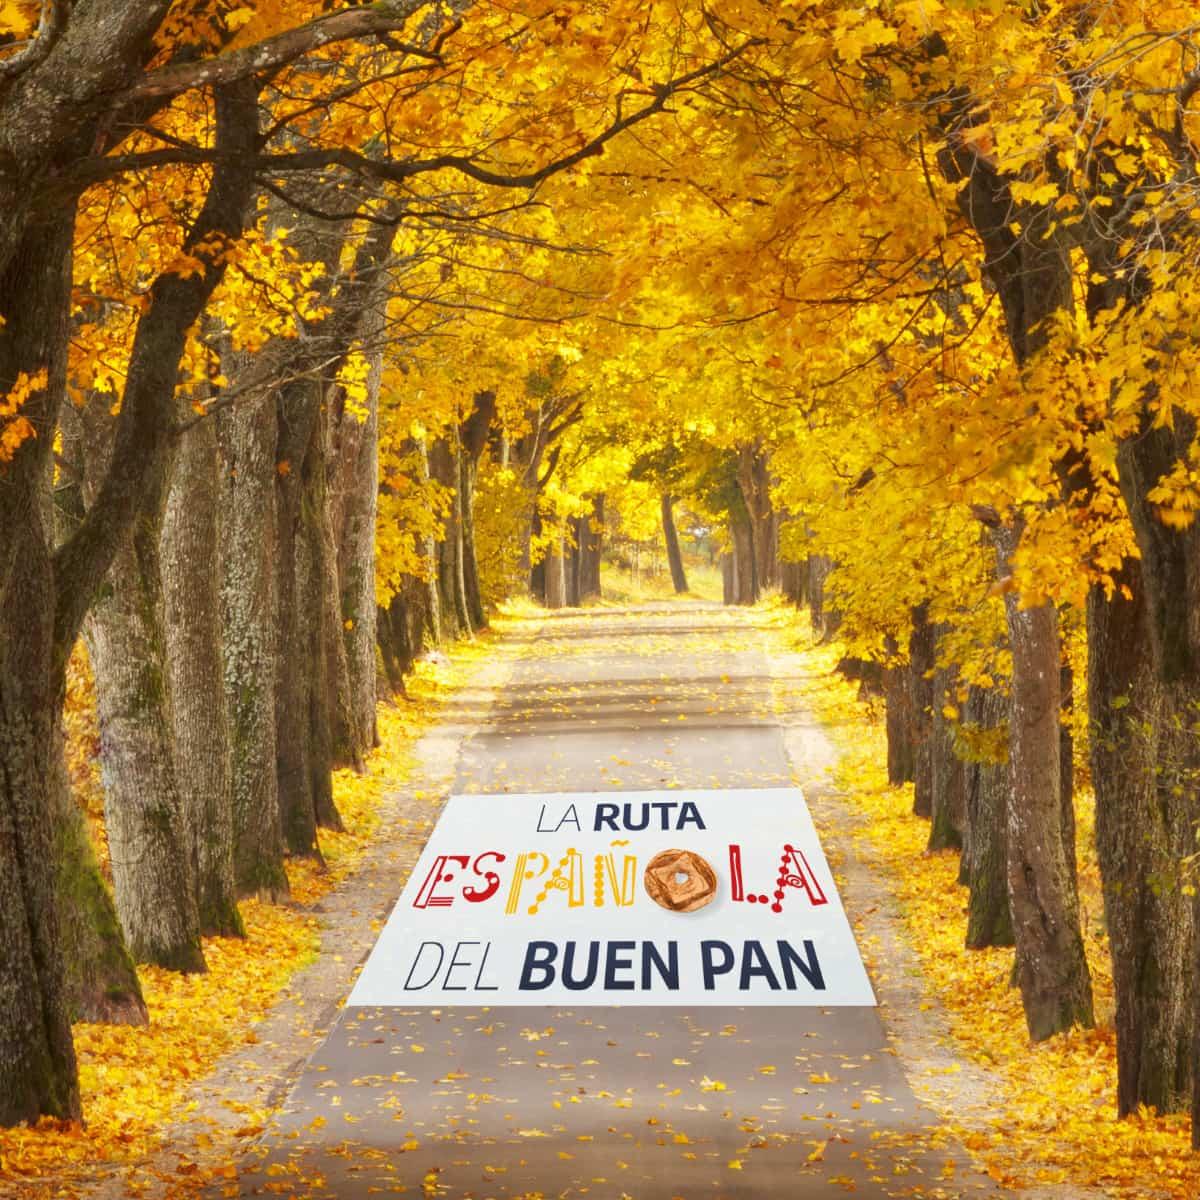 La Ruta Española del Buen Pan